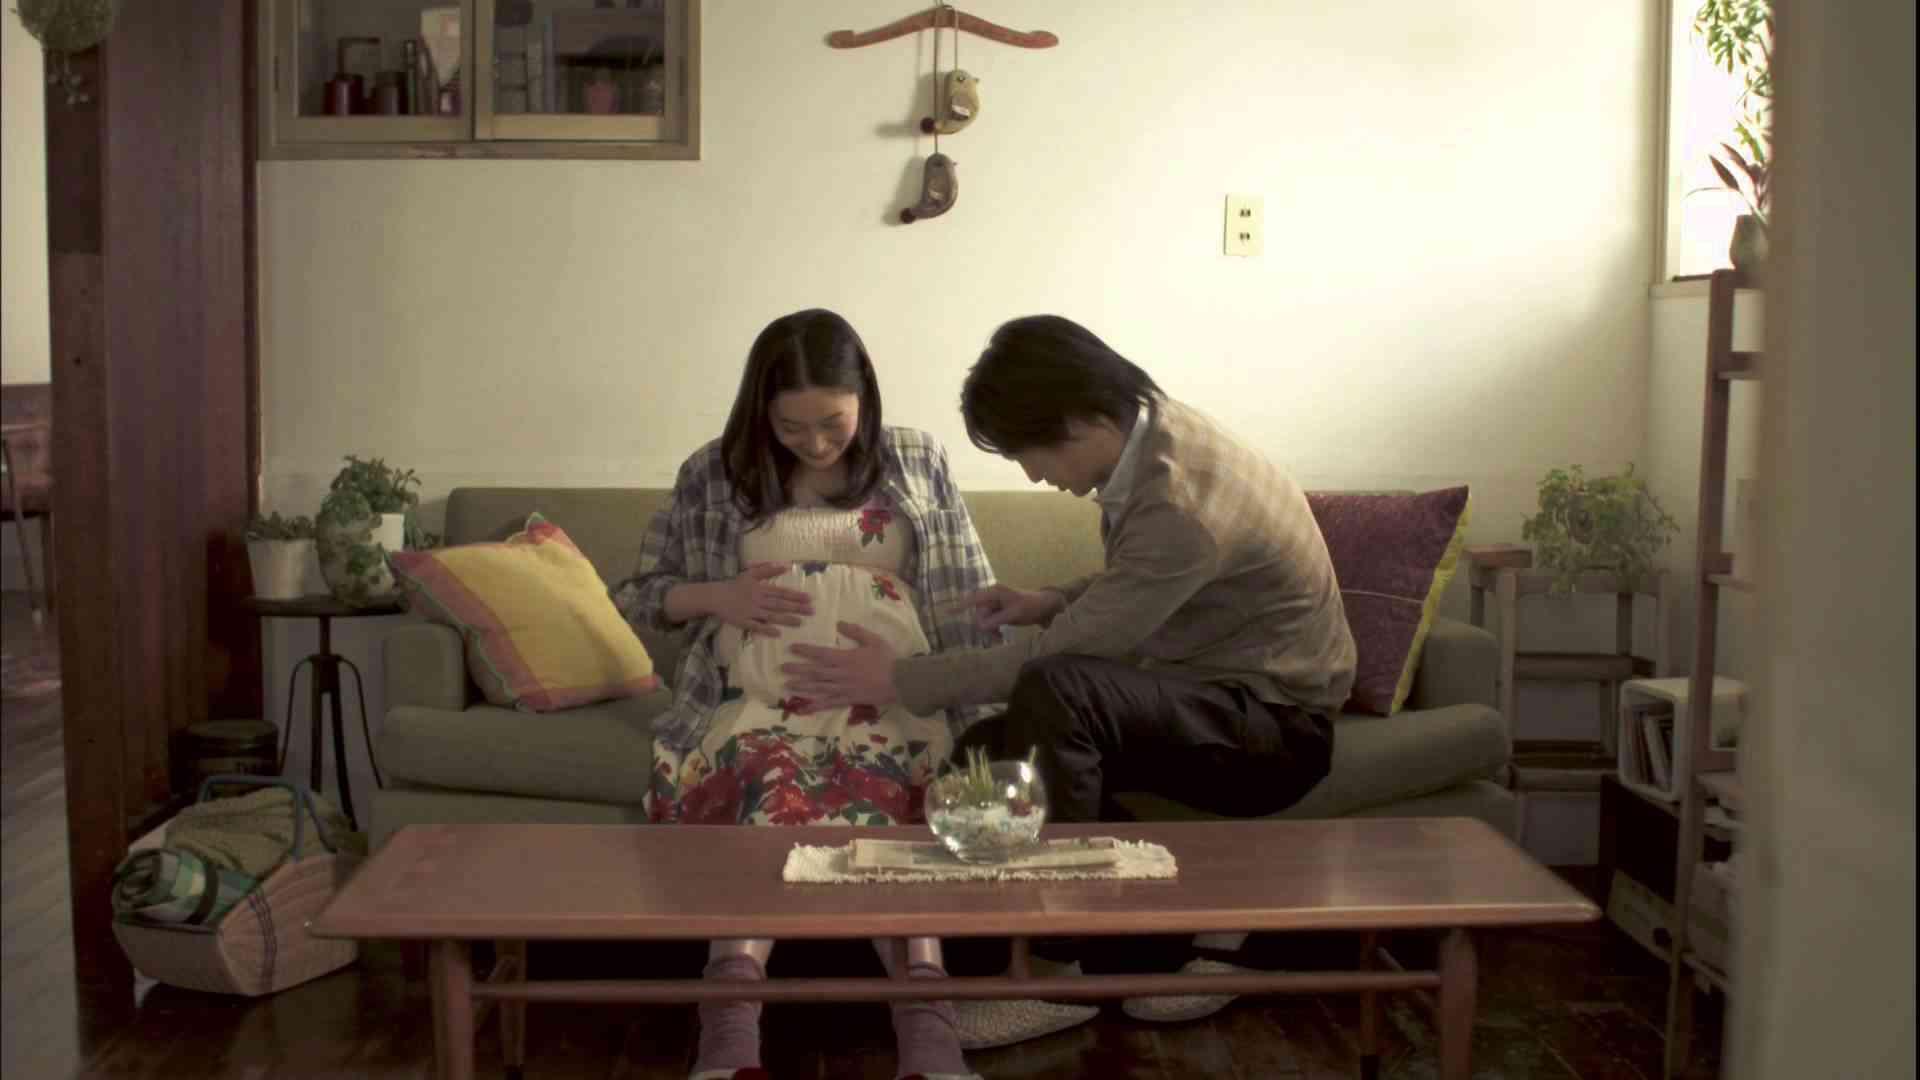 チャットモンチー 『「バースデーケーキの上を歩いて帰った」Music Video』 - YouTube